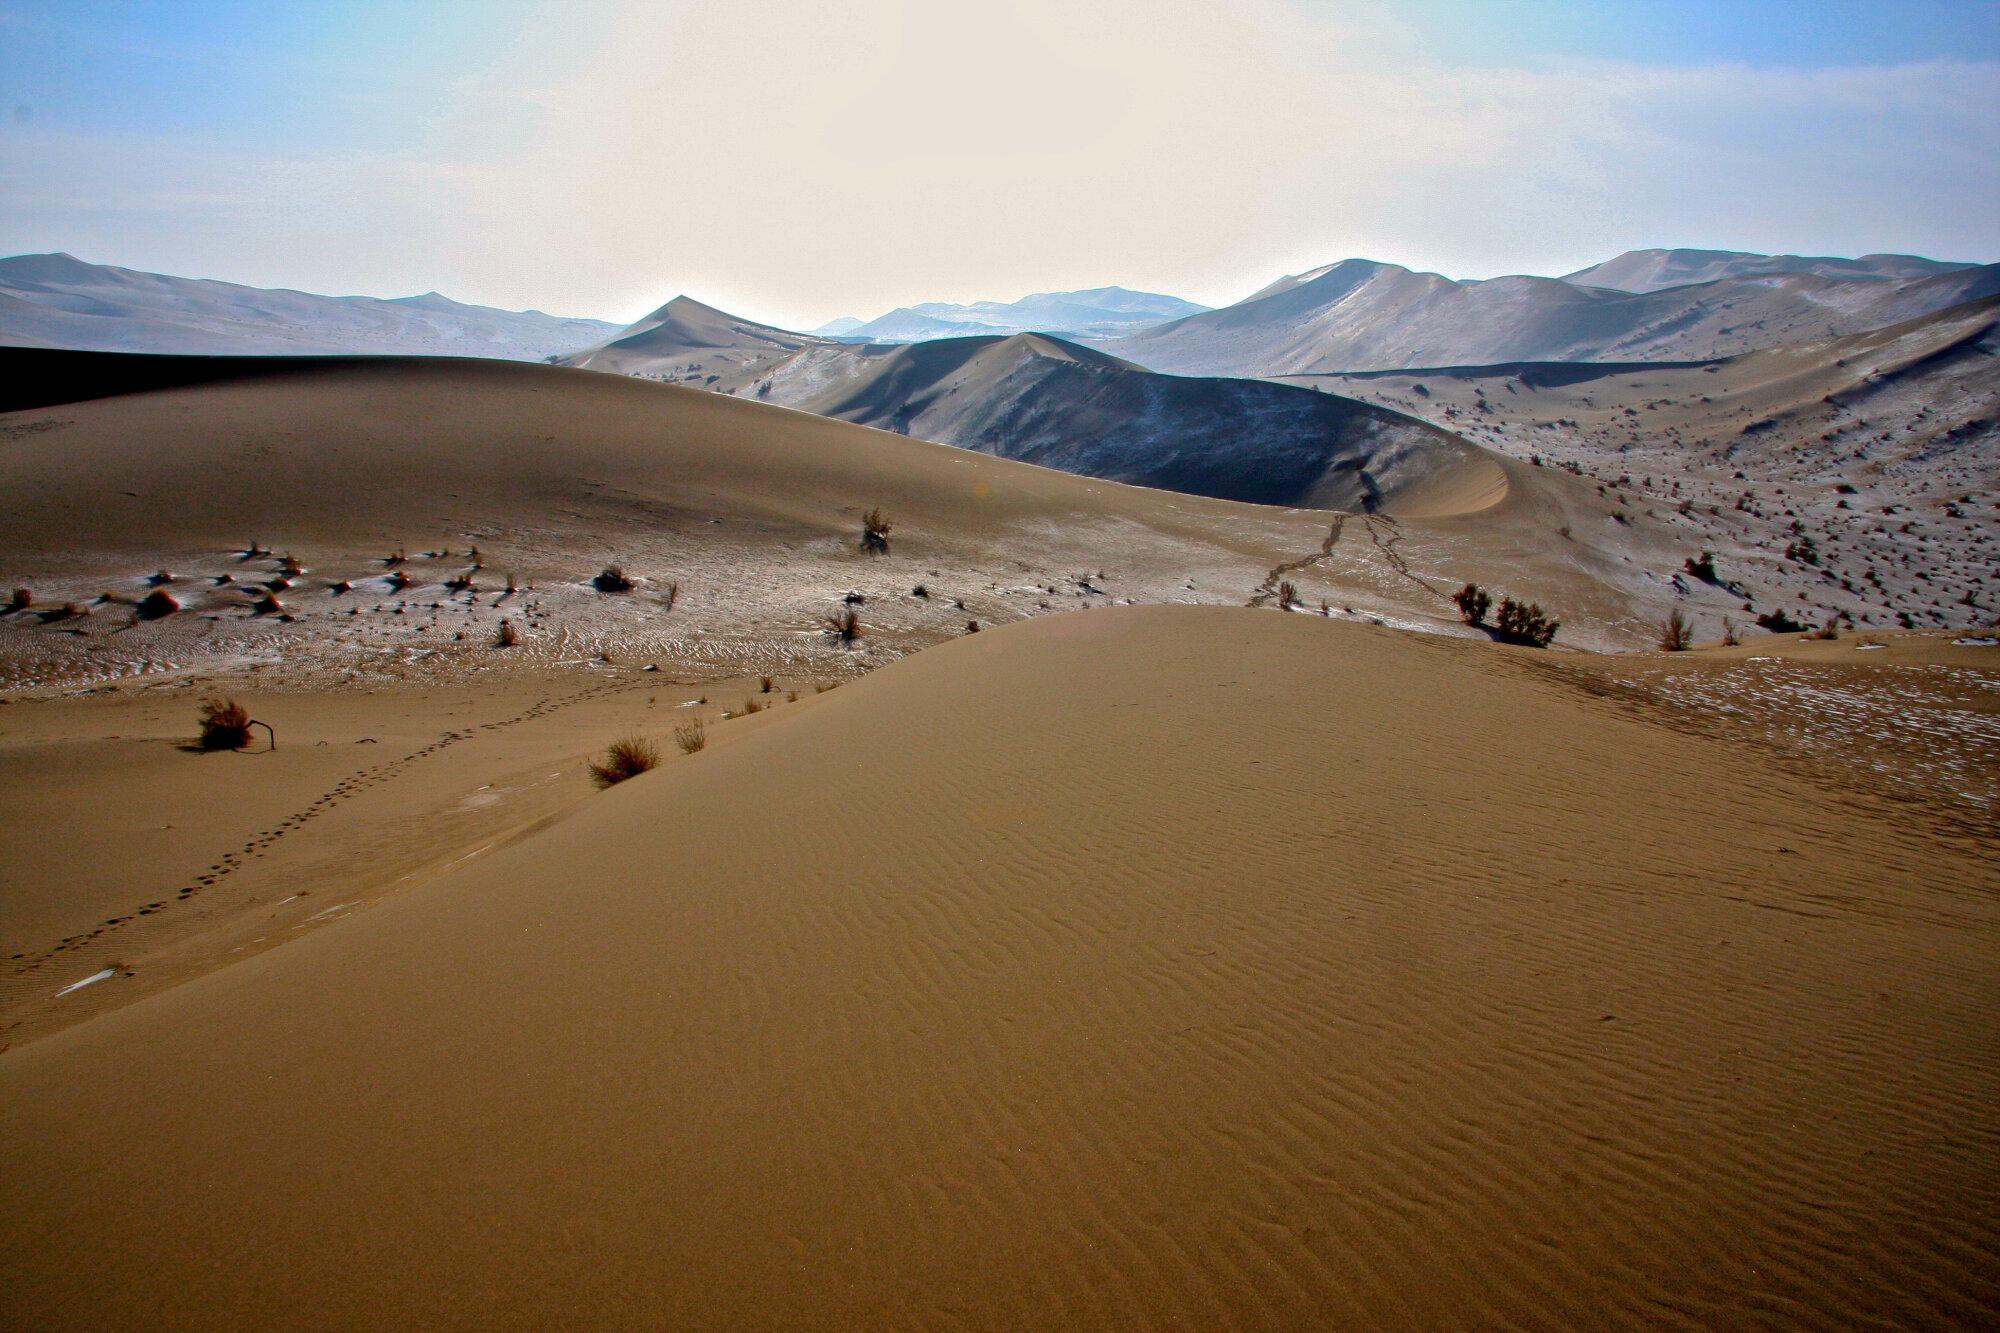 Dans le désert de Gobi